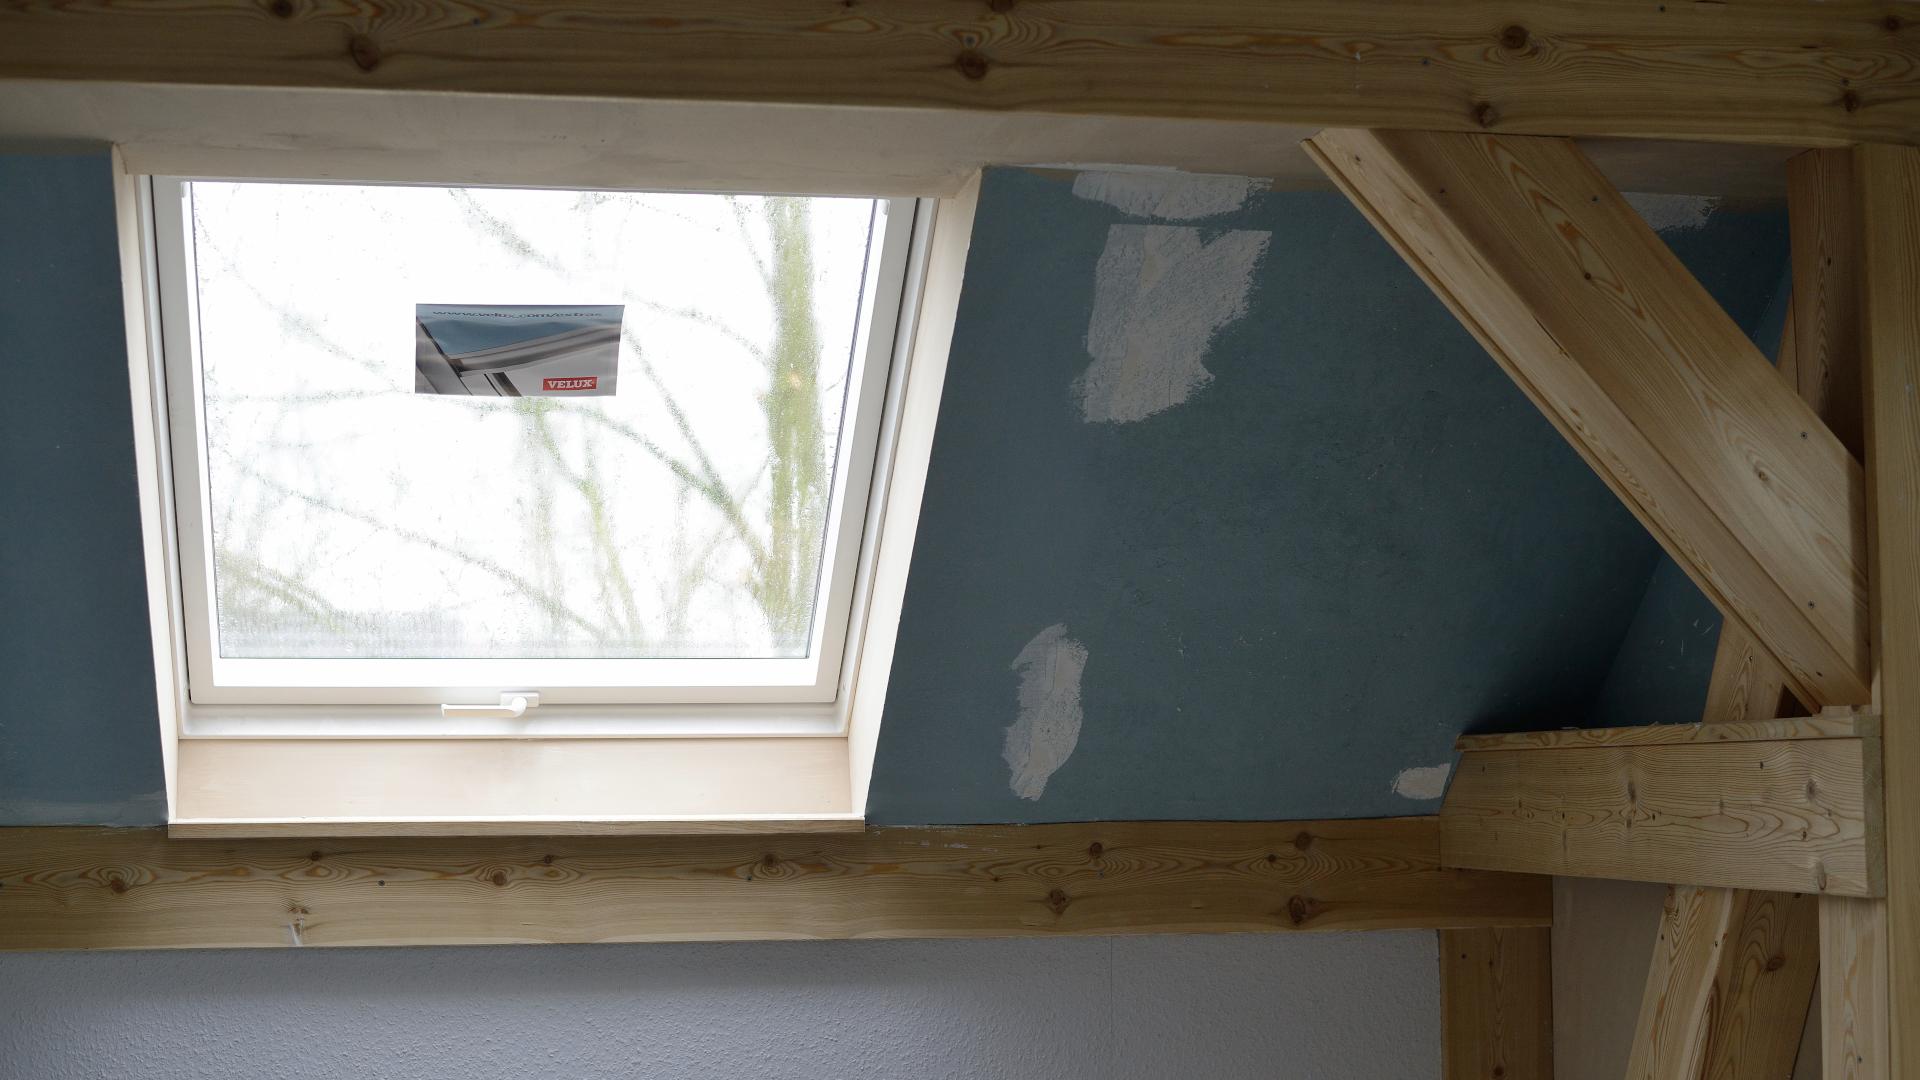 dach innenausbau innenausbau dach innenausbau zimmerei bedachungen kranarbeiten am. Black Bedroom Furniture Sets. Home Design Ideas